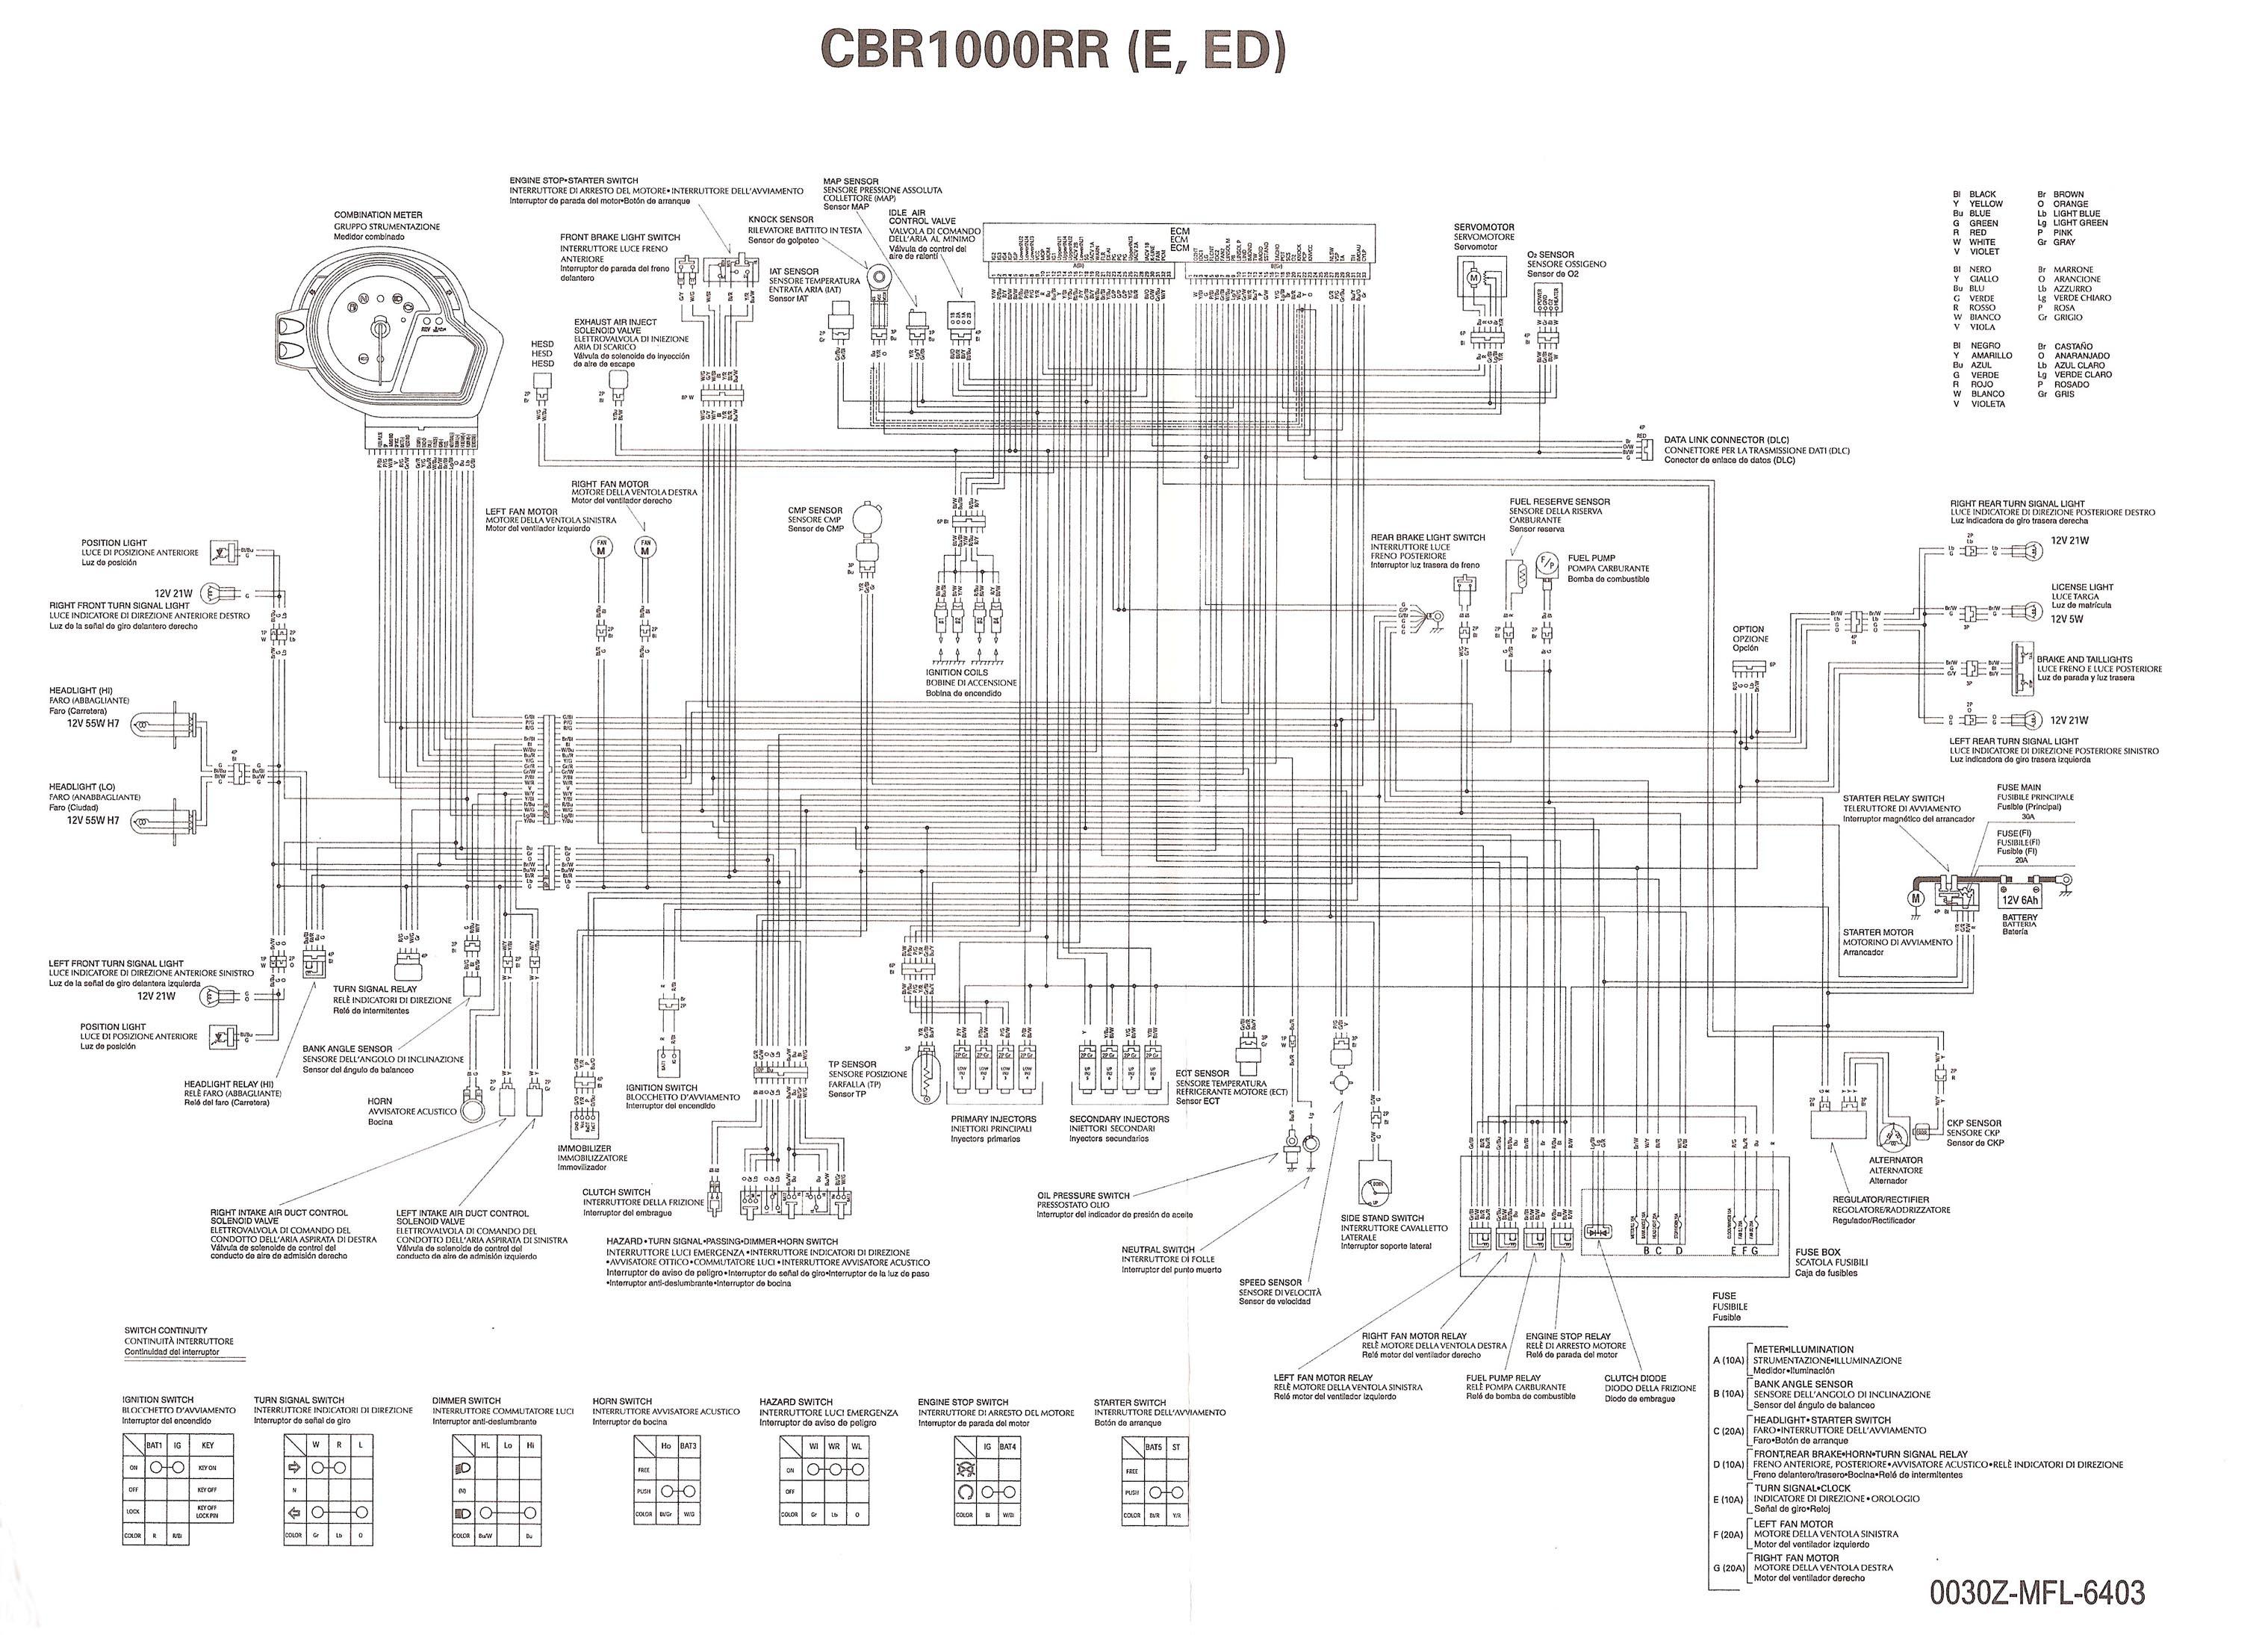 Chrysler Lh Wiring Diagram Free Download Schematic